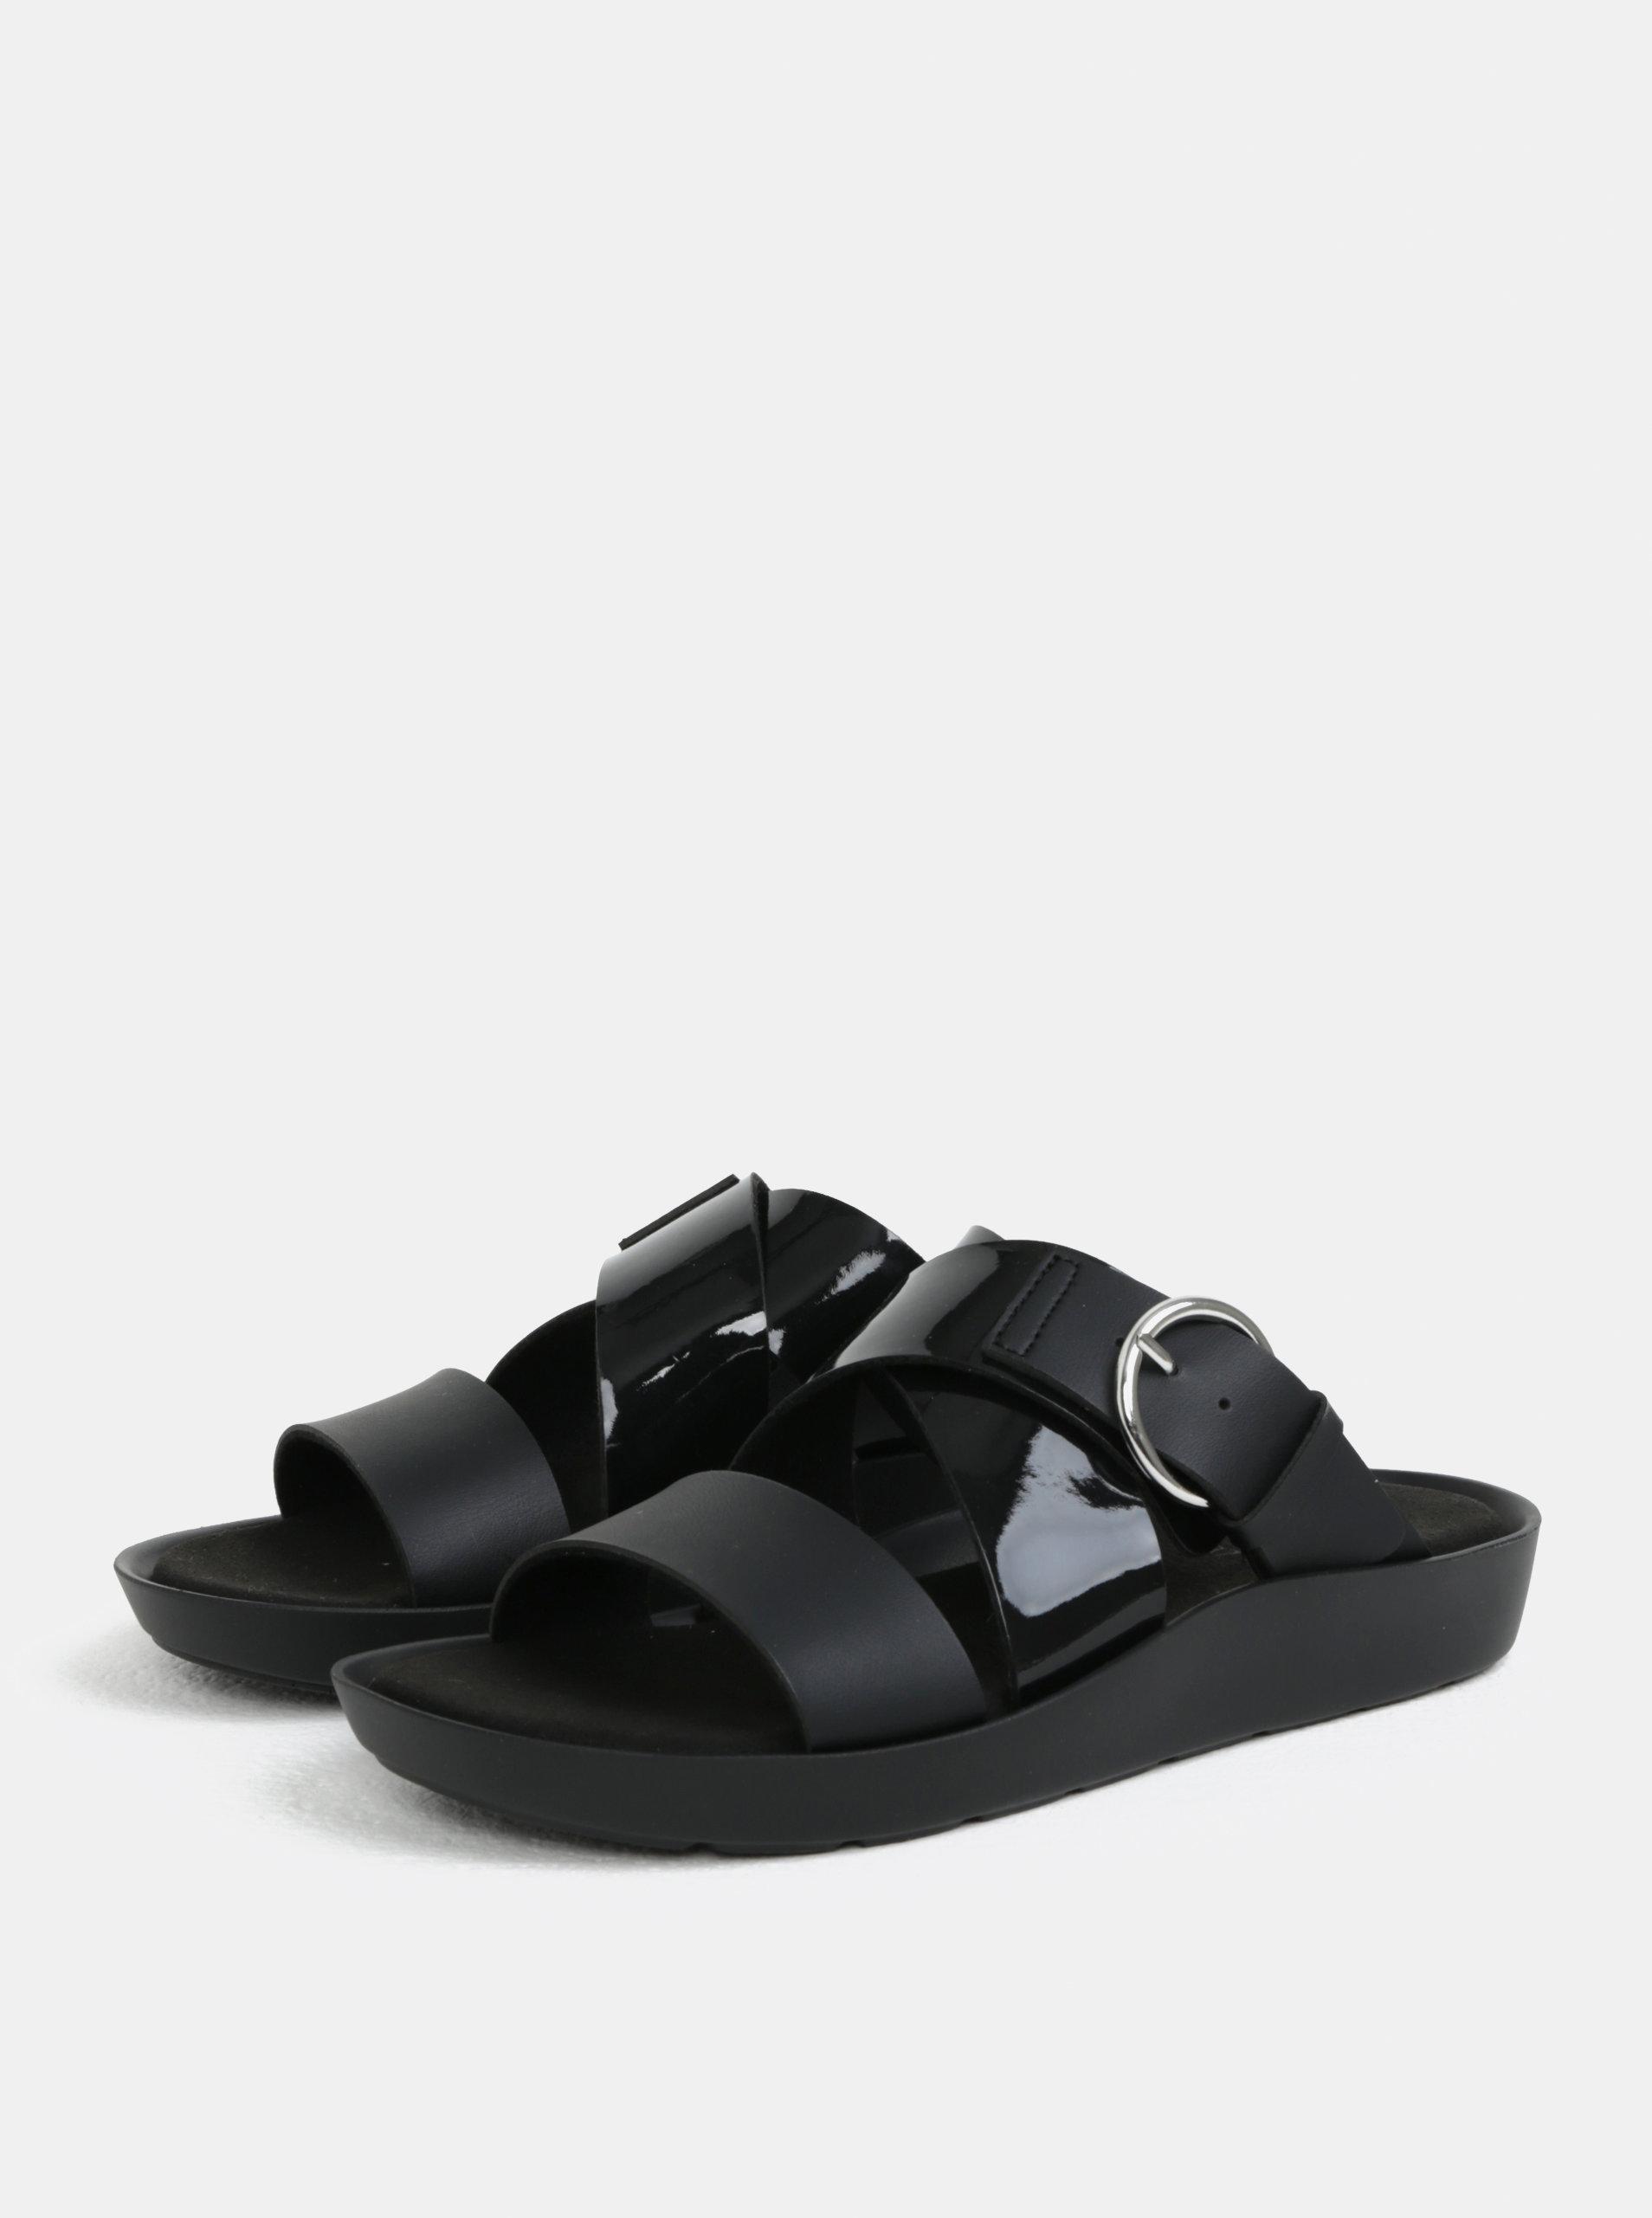 41d4bb6a346a Čierne dámske zdravotné papuče Scholl Marmaris ...